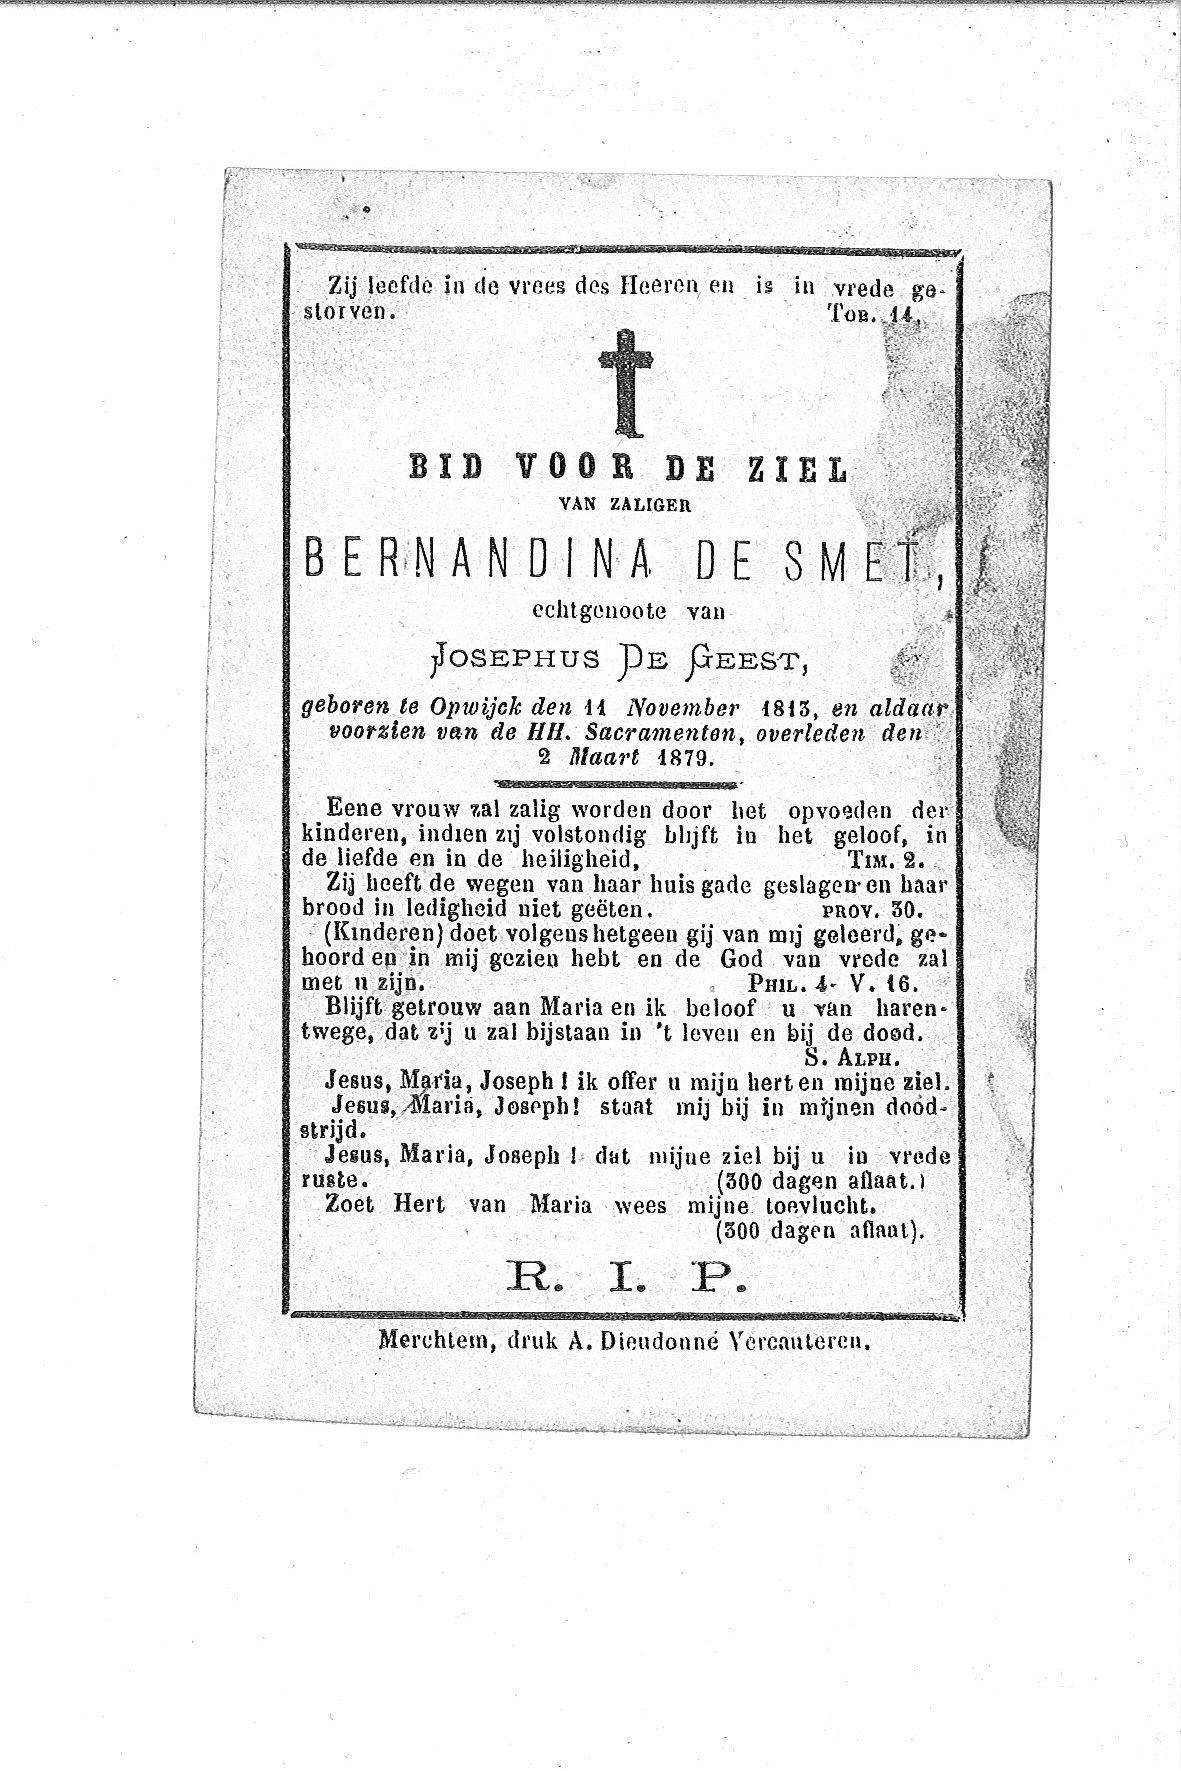 Bernardina (1879) 20091016092341_00002.jpg